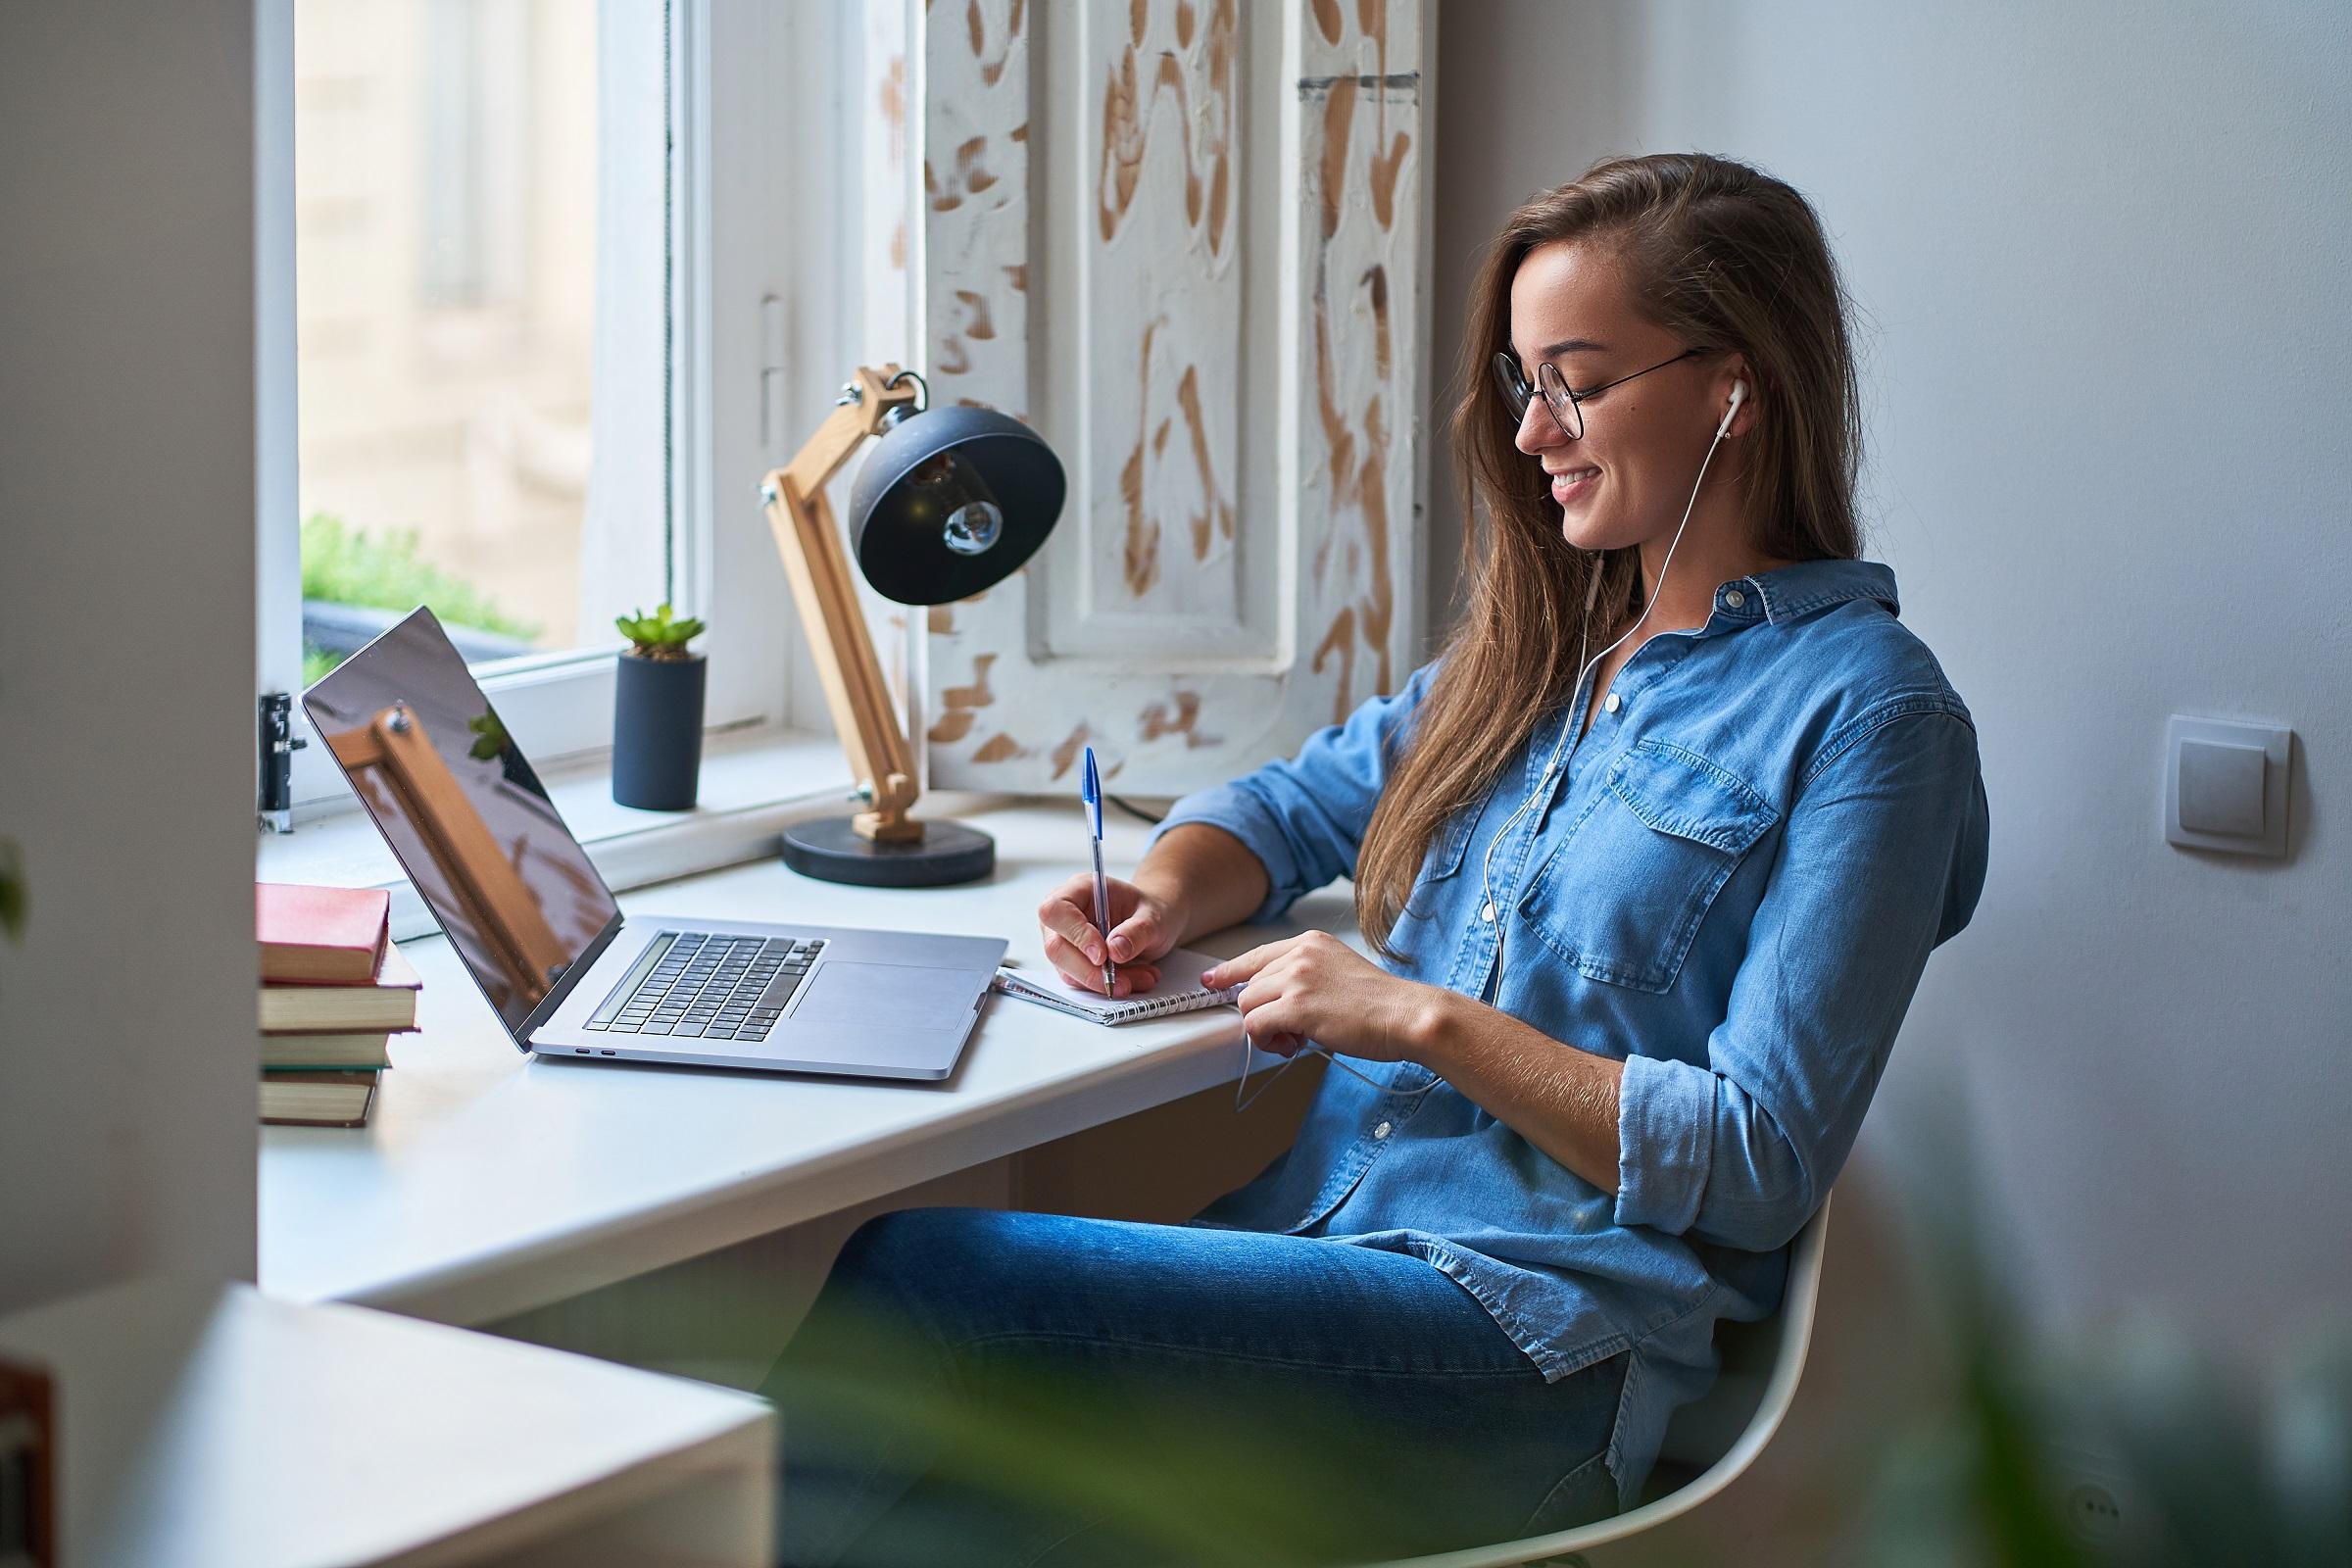 online érettségi felkészítő tanulás